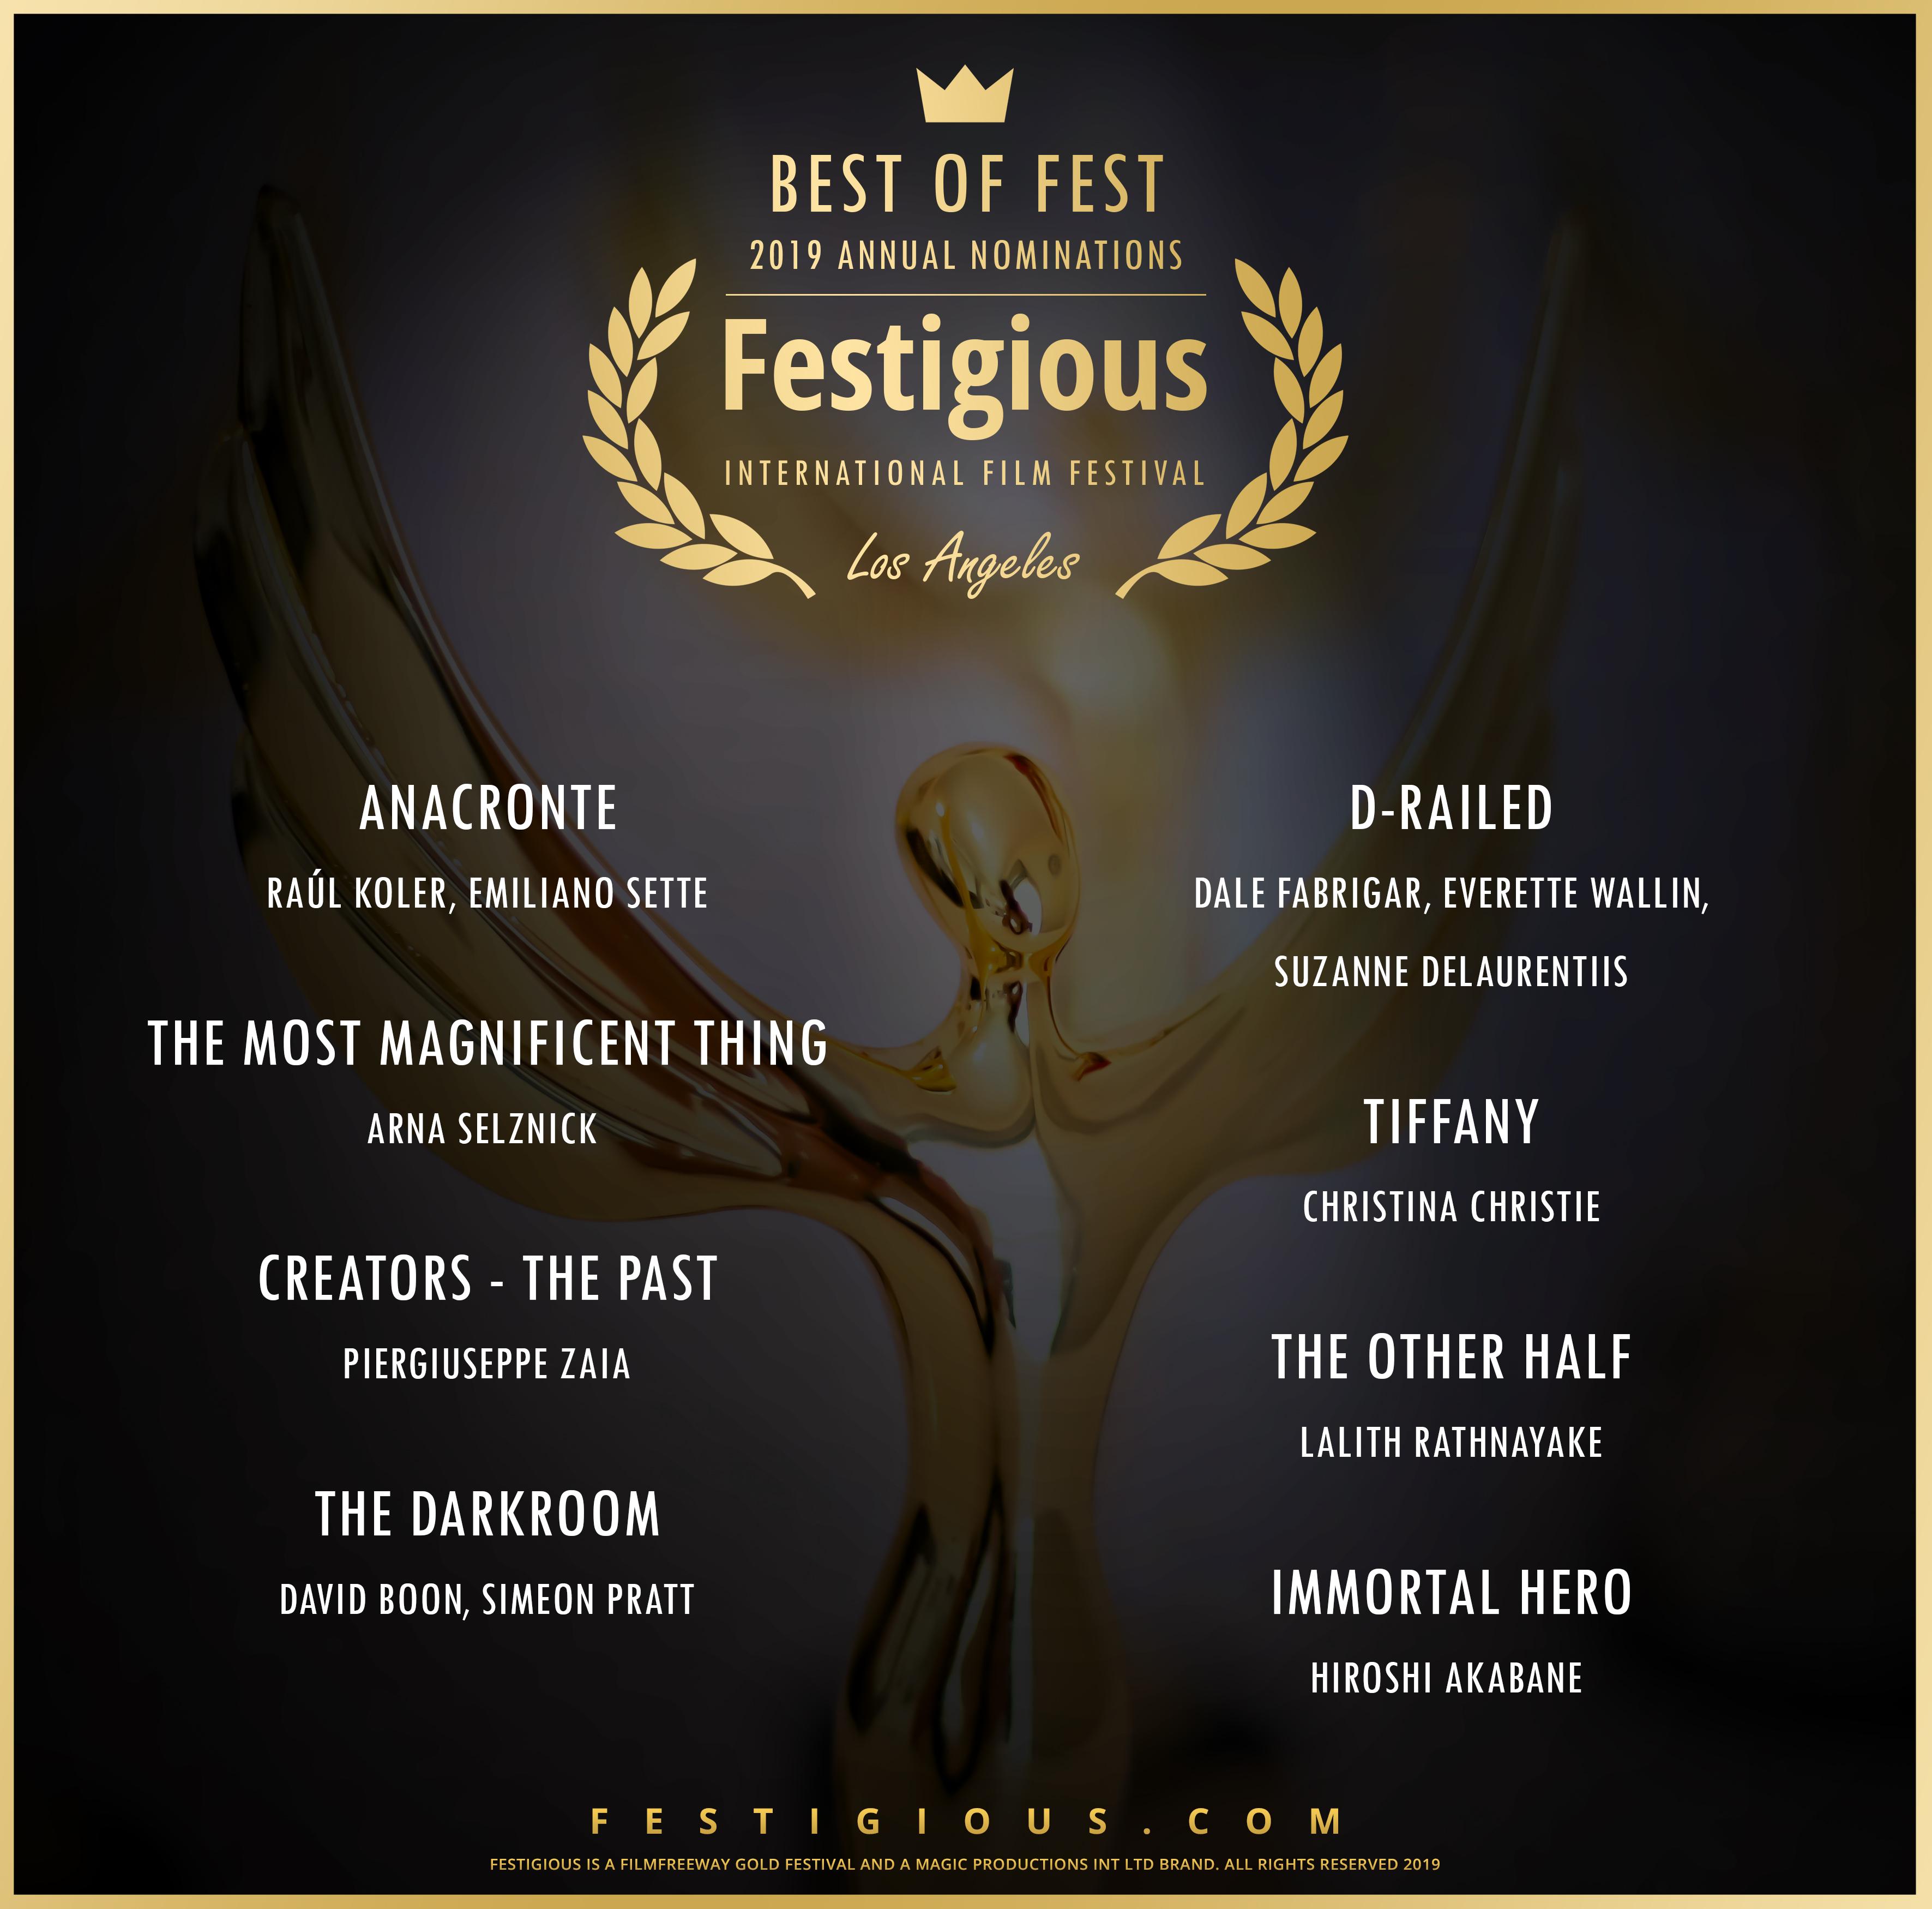 Festigious Best of Fest